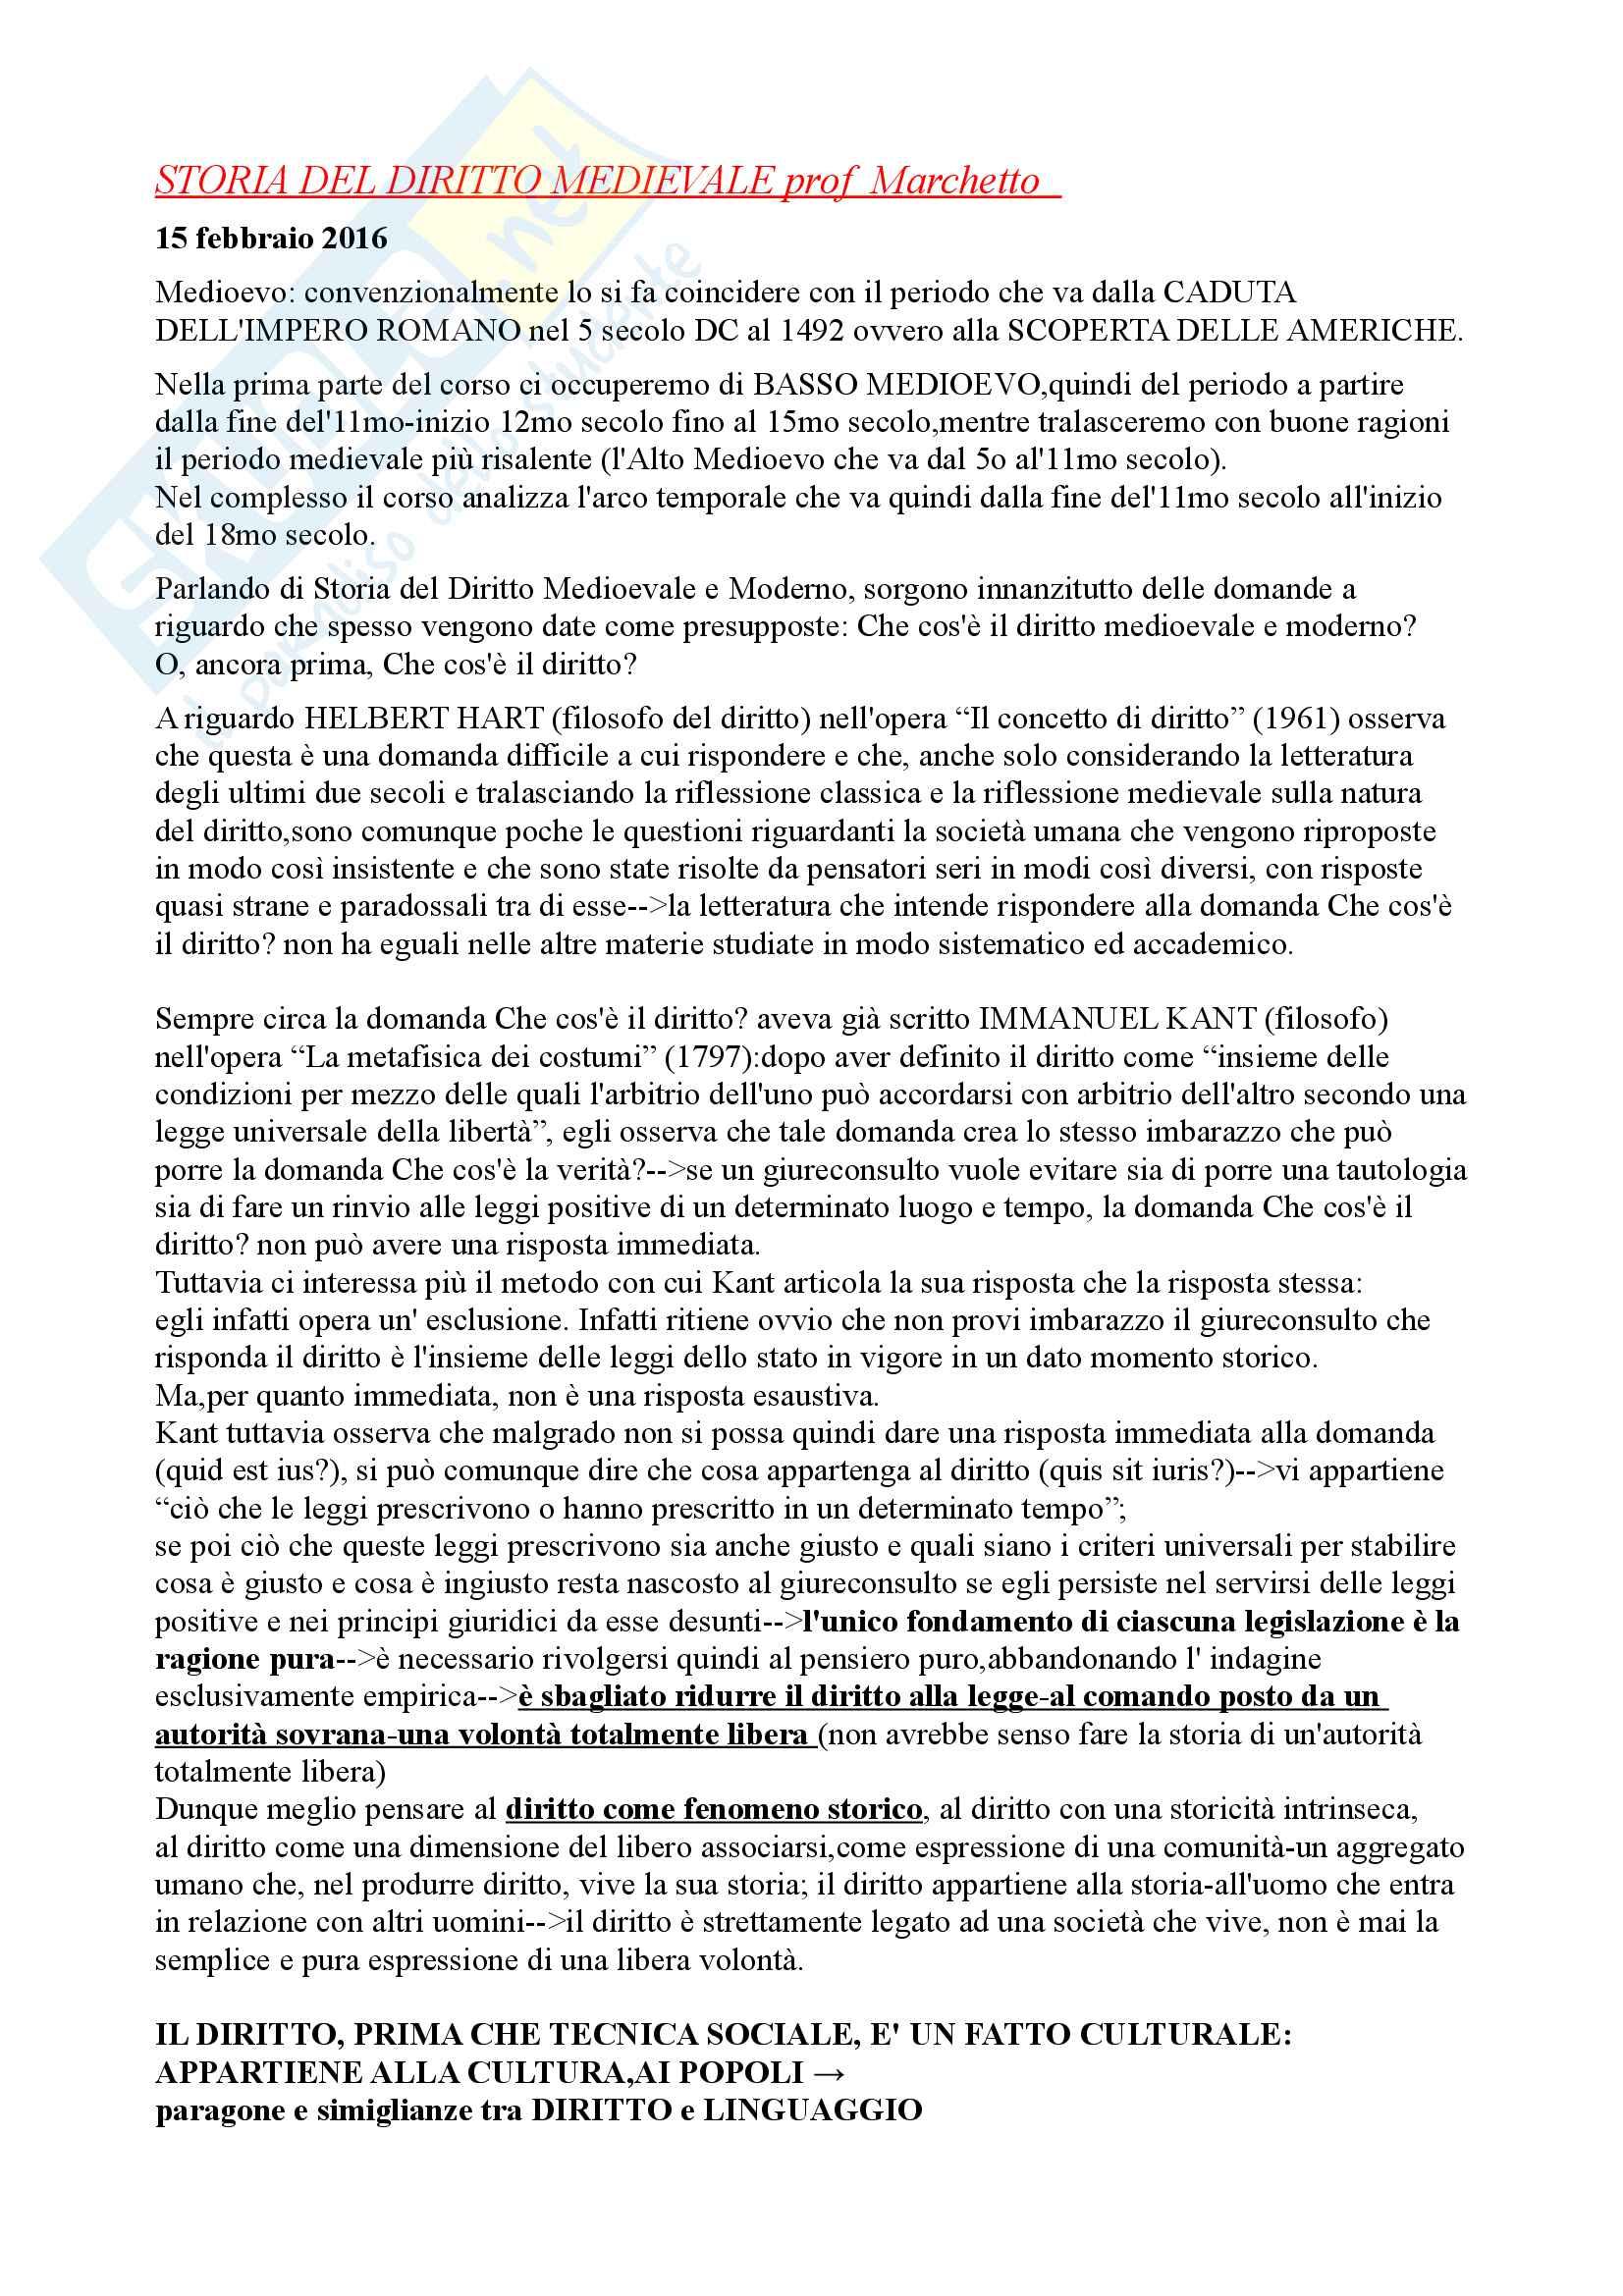 Appunti lezioni prof. Marchetto e Zendri Trento Unitn A/L 2016 Storia del diritto medievale e moderno 1